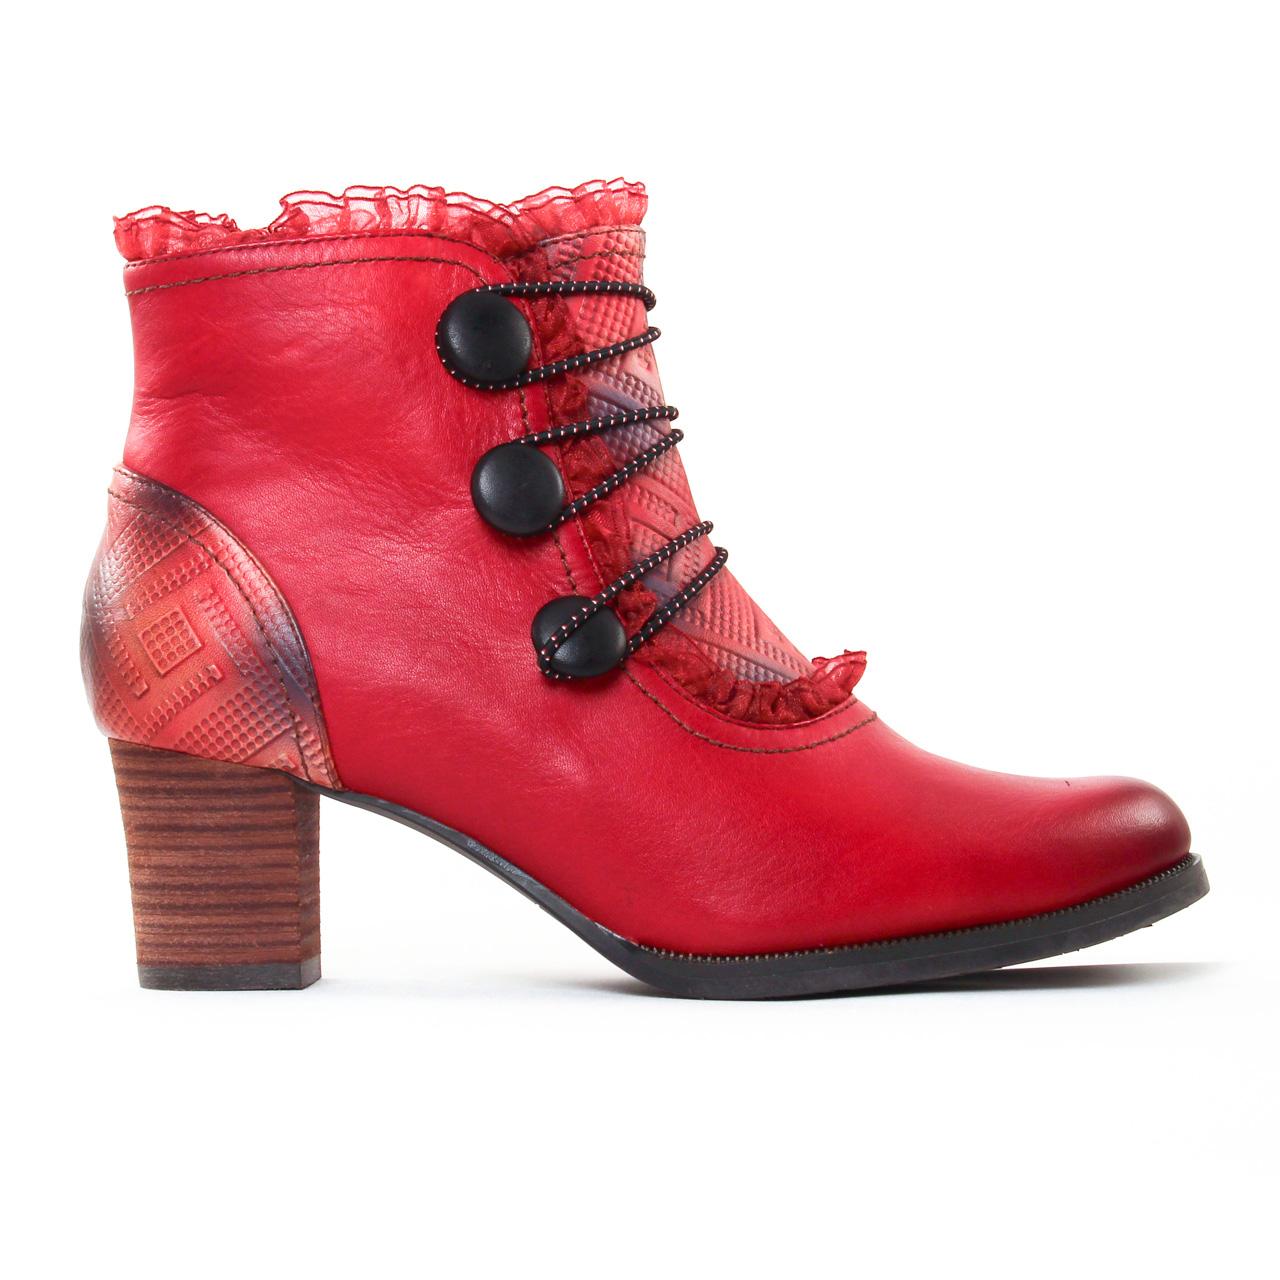 laura vita amelia rouge | boots rouge automne hiver 2017 chez